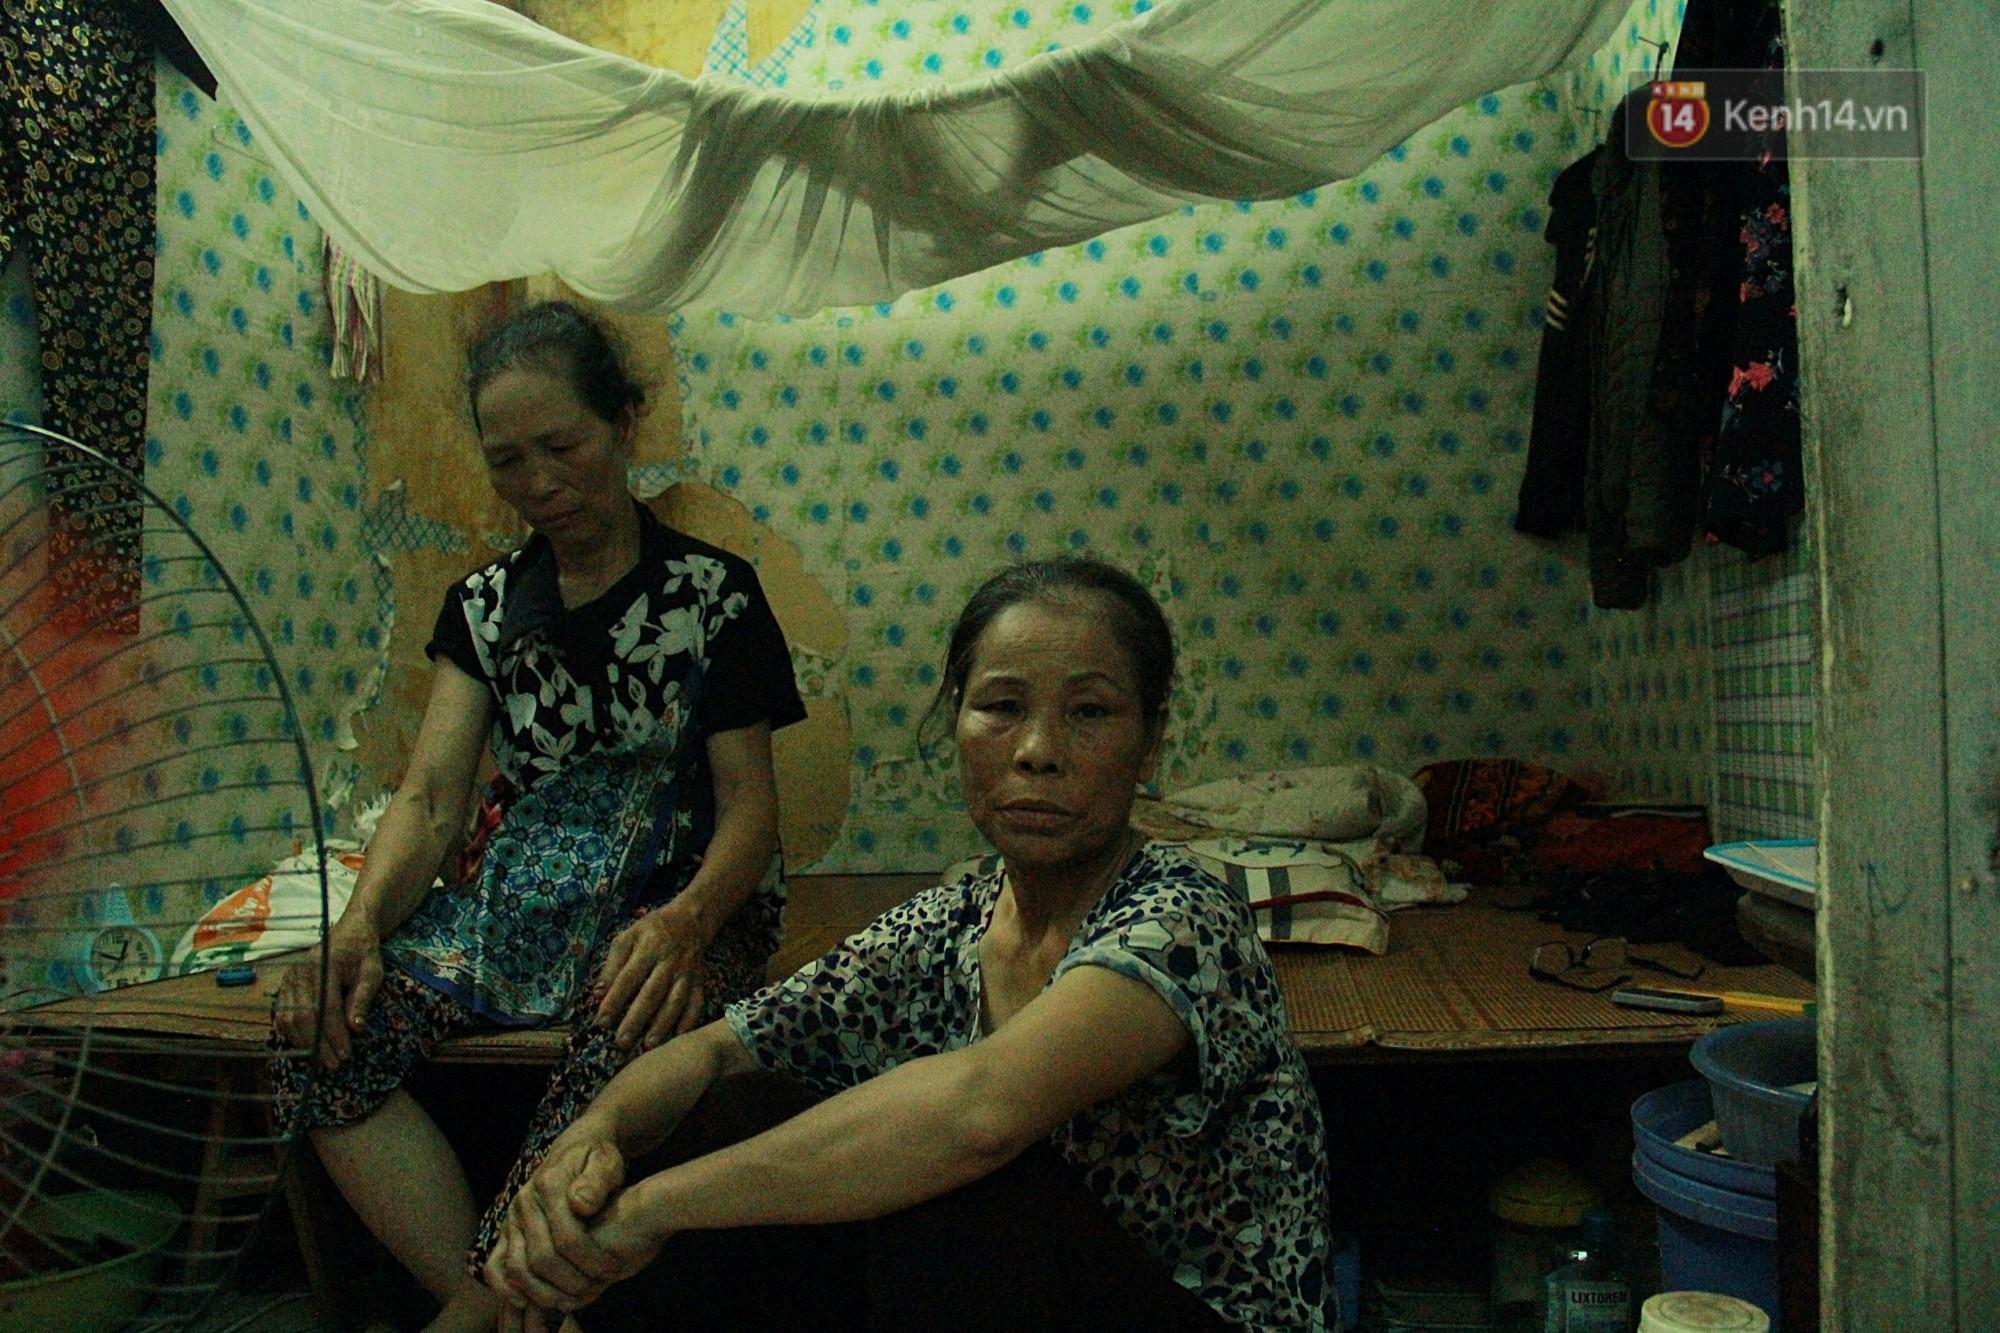 Dân xóm nghèo oằn mình trong những căn phòng trọ lợp mái tôn gần 50 độ C giữa lòng Hà Nội: Cái nóng hầm hập như muốn luộc chín người - Ảnh 3.